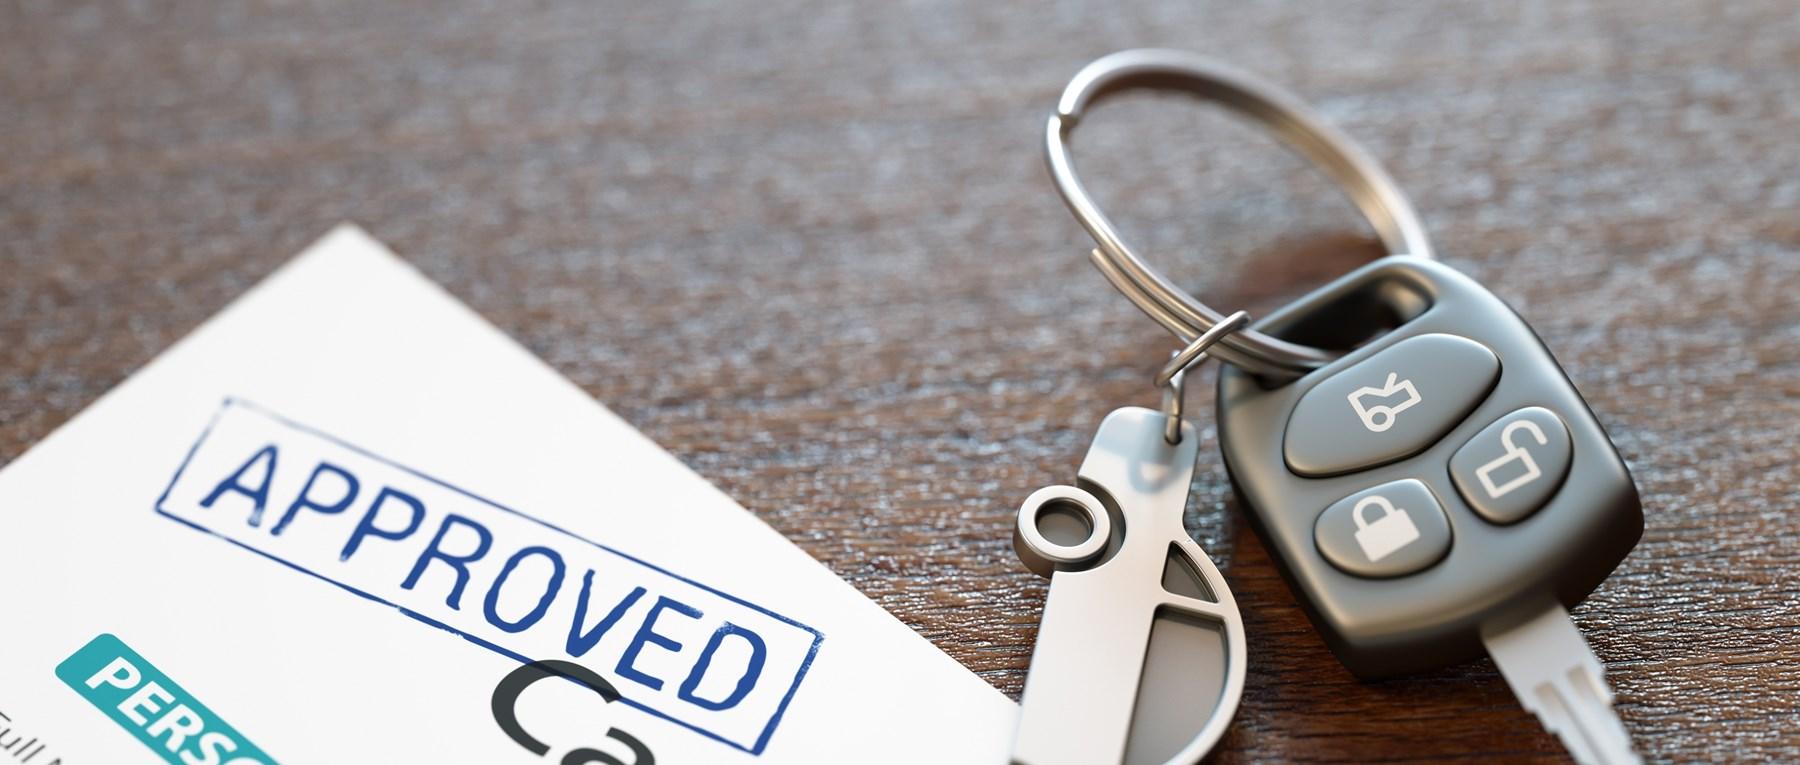 Car keys by car finance form